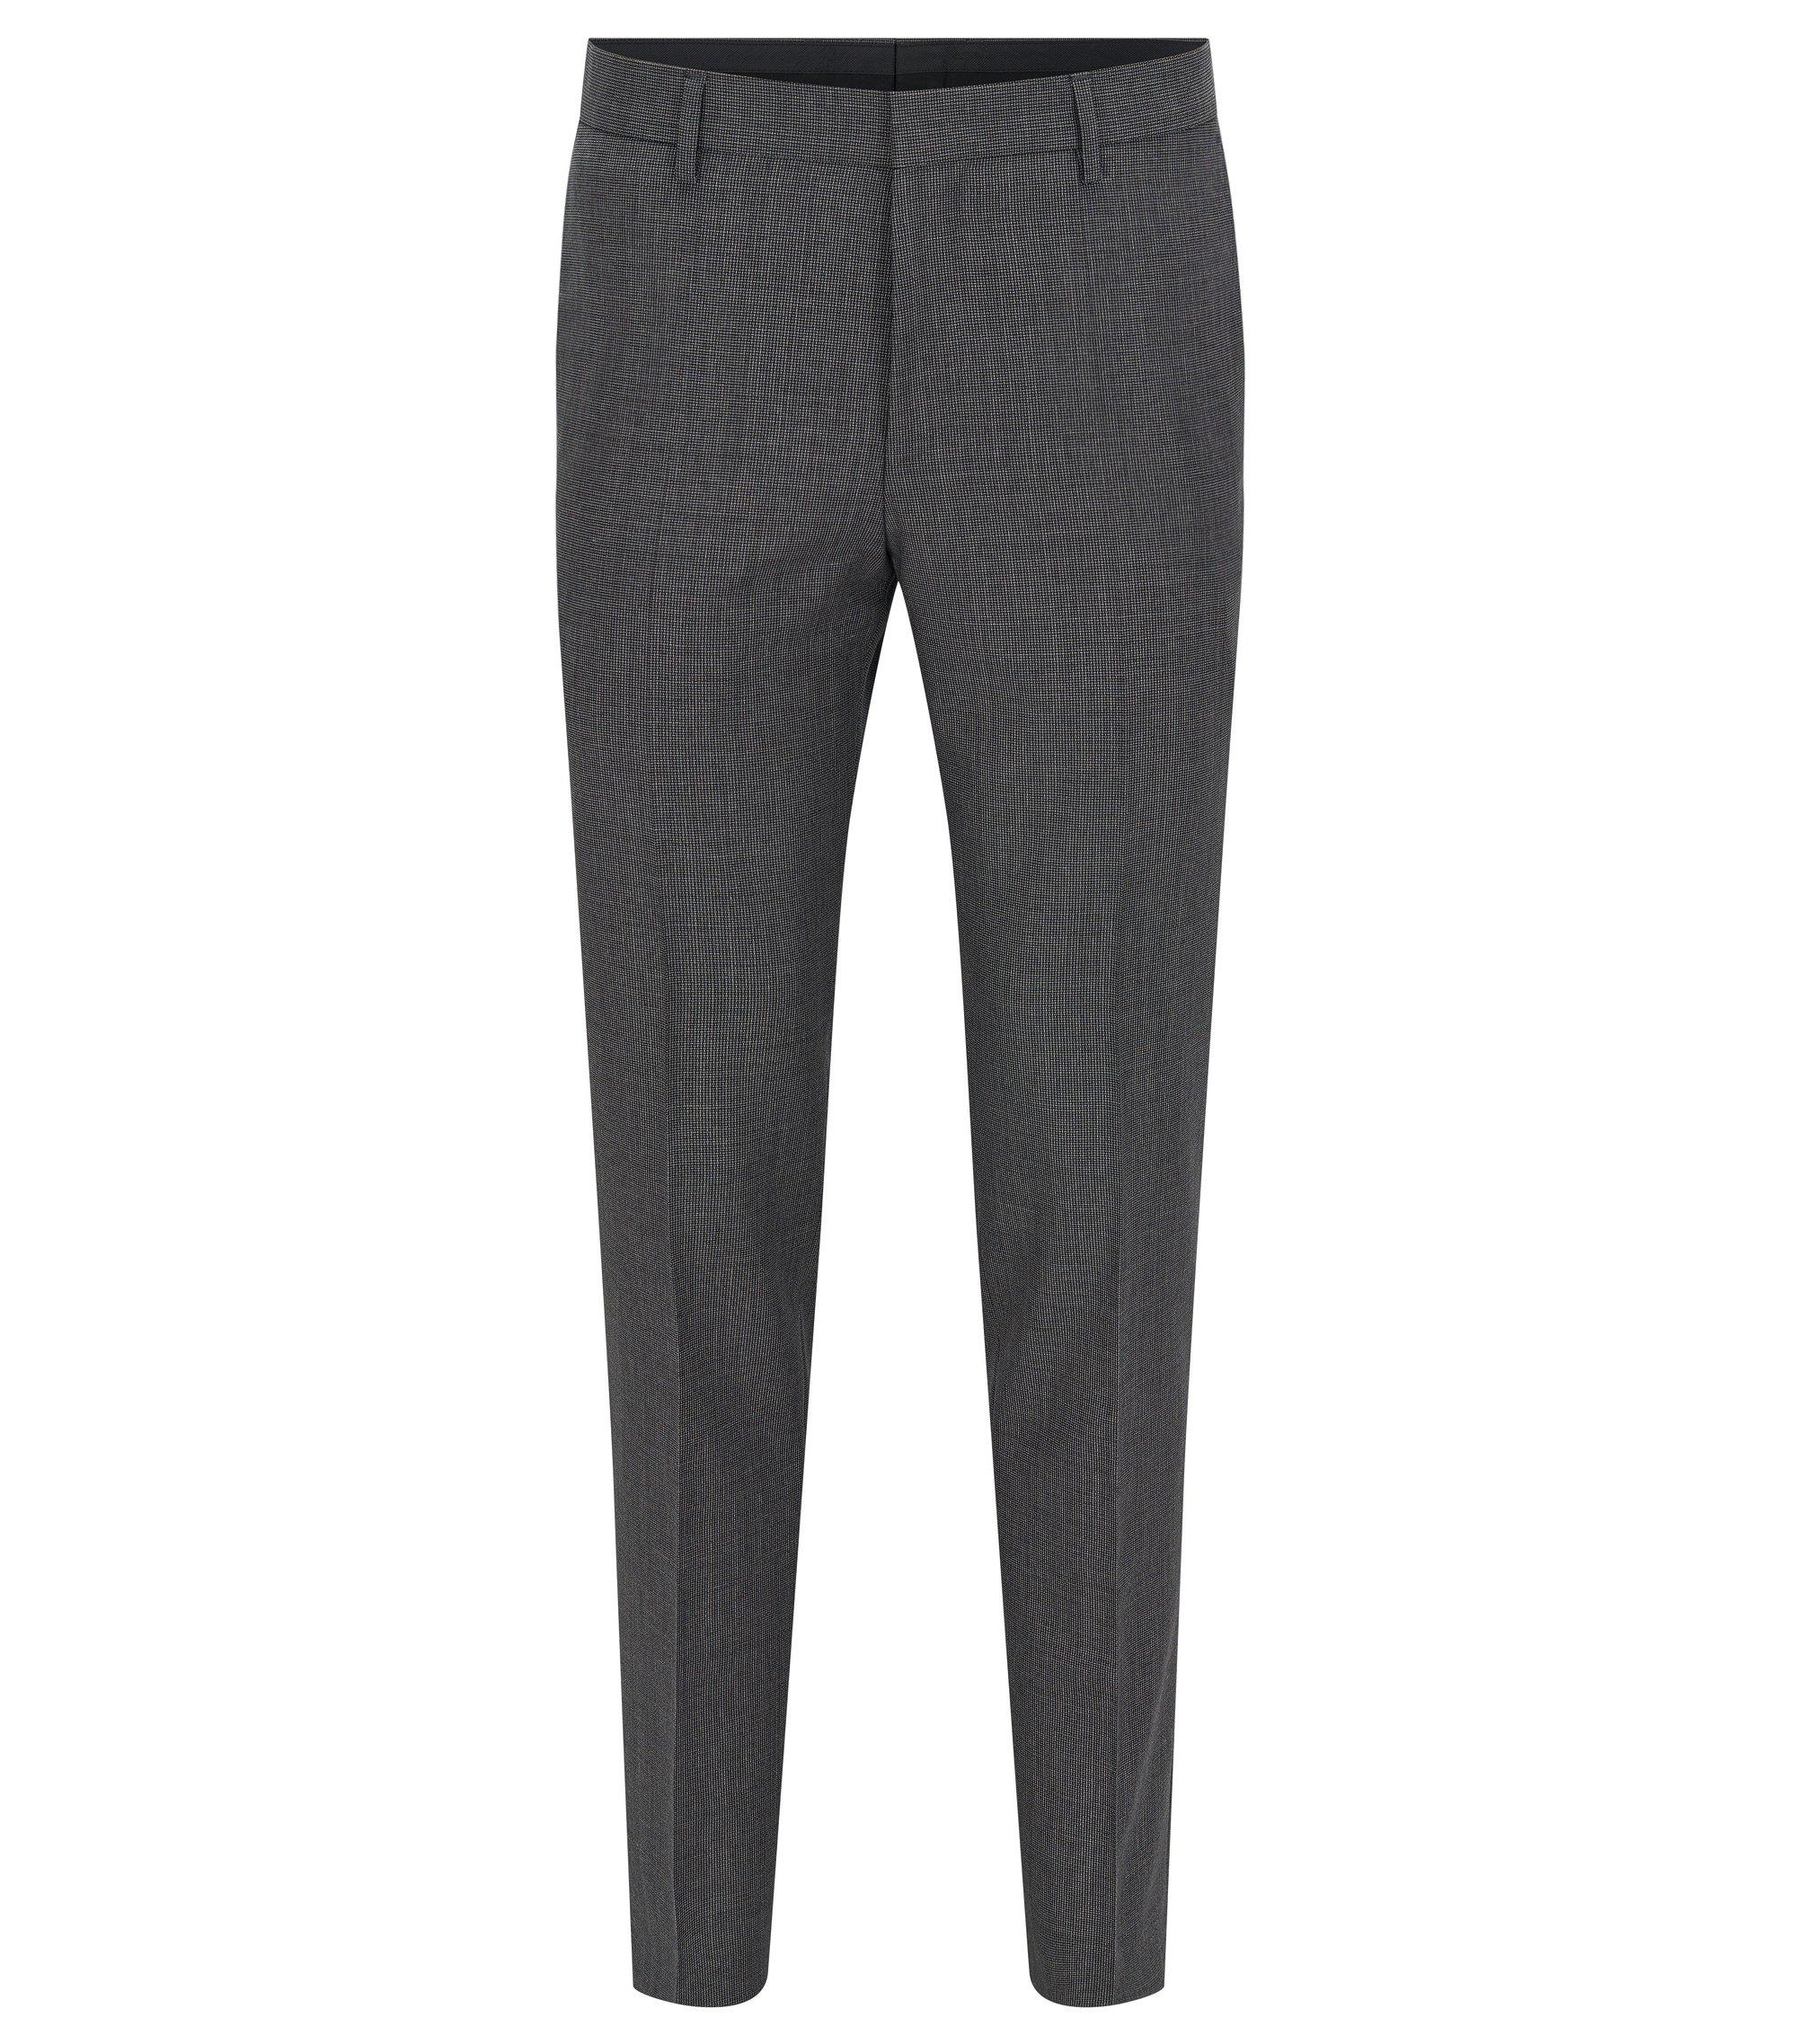 Slim-Fit Hose aus italienischer Schurwolle mit Mikro-Struktur, Grau